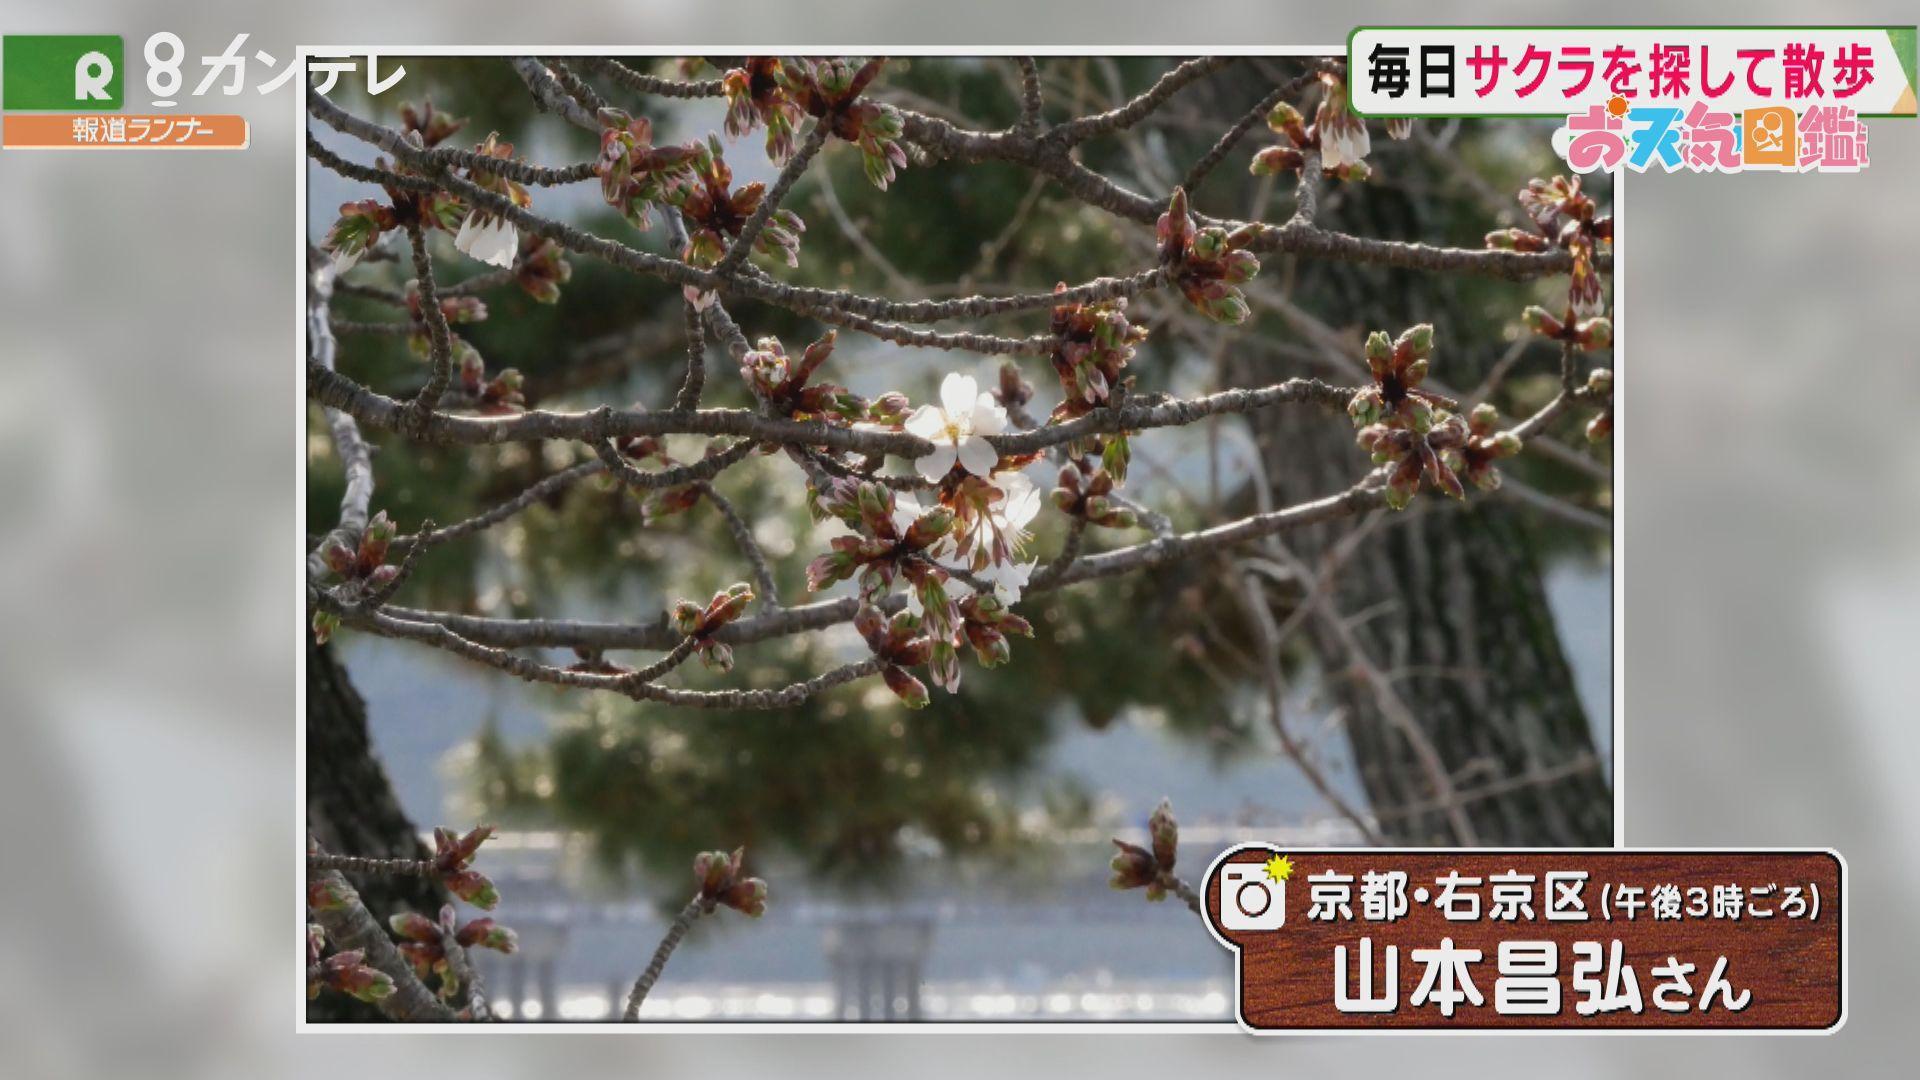 「サクラを探して散歩」(京都・嵐山)